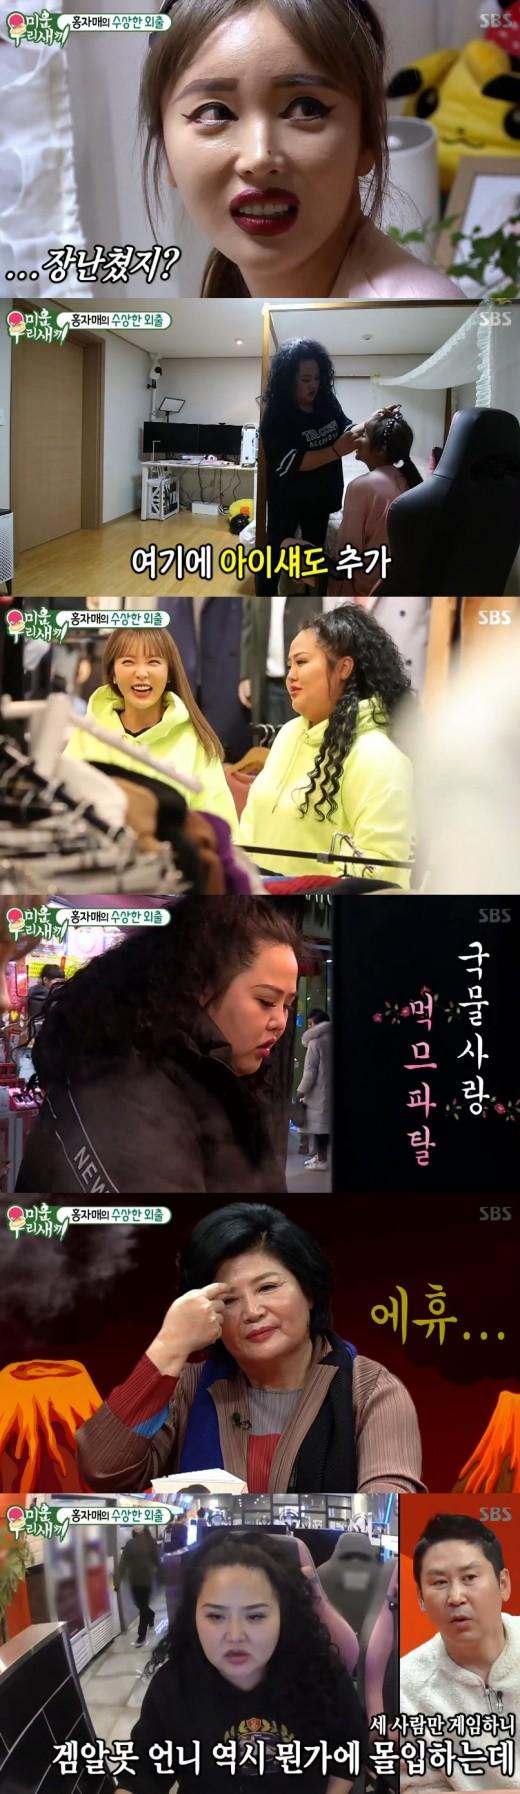 '미우새' 딸의 폭식+게임중독... 홍진영 어머니의 한숨_이미지